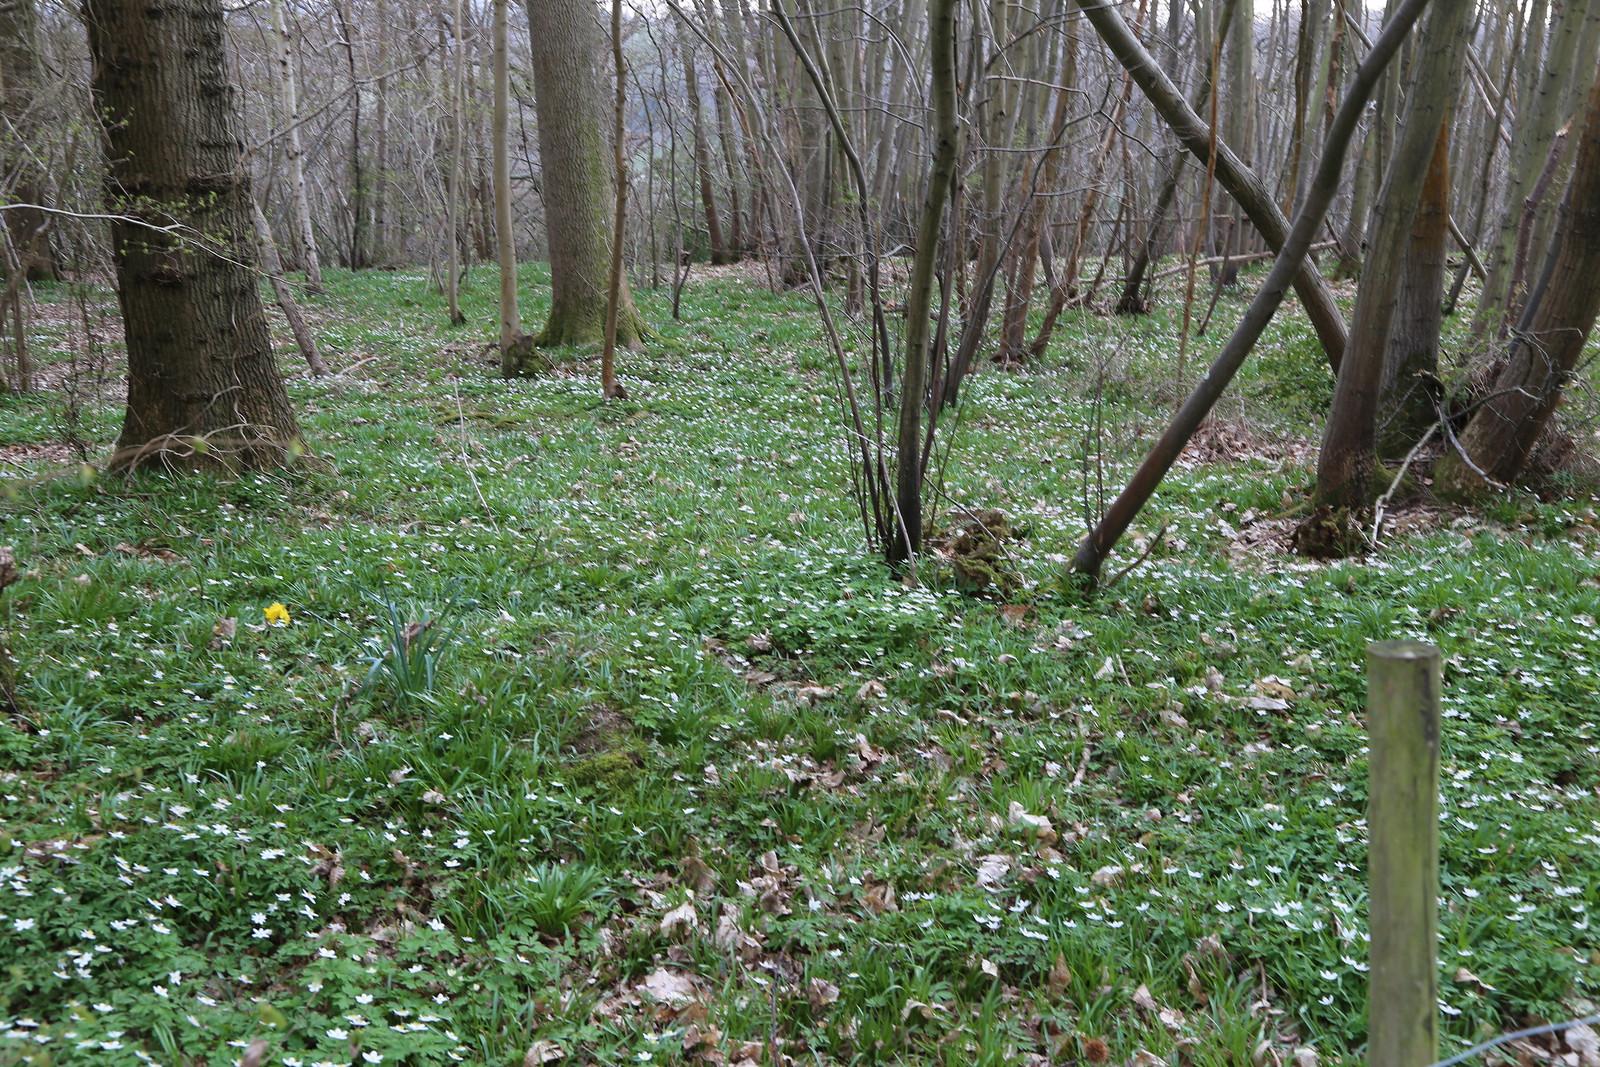 Lots of Wood Anemones - near Harrisons Rocks